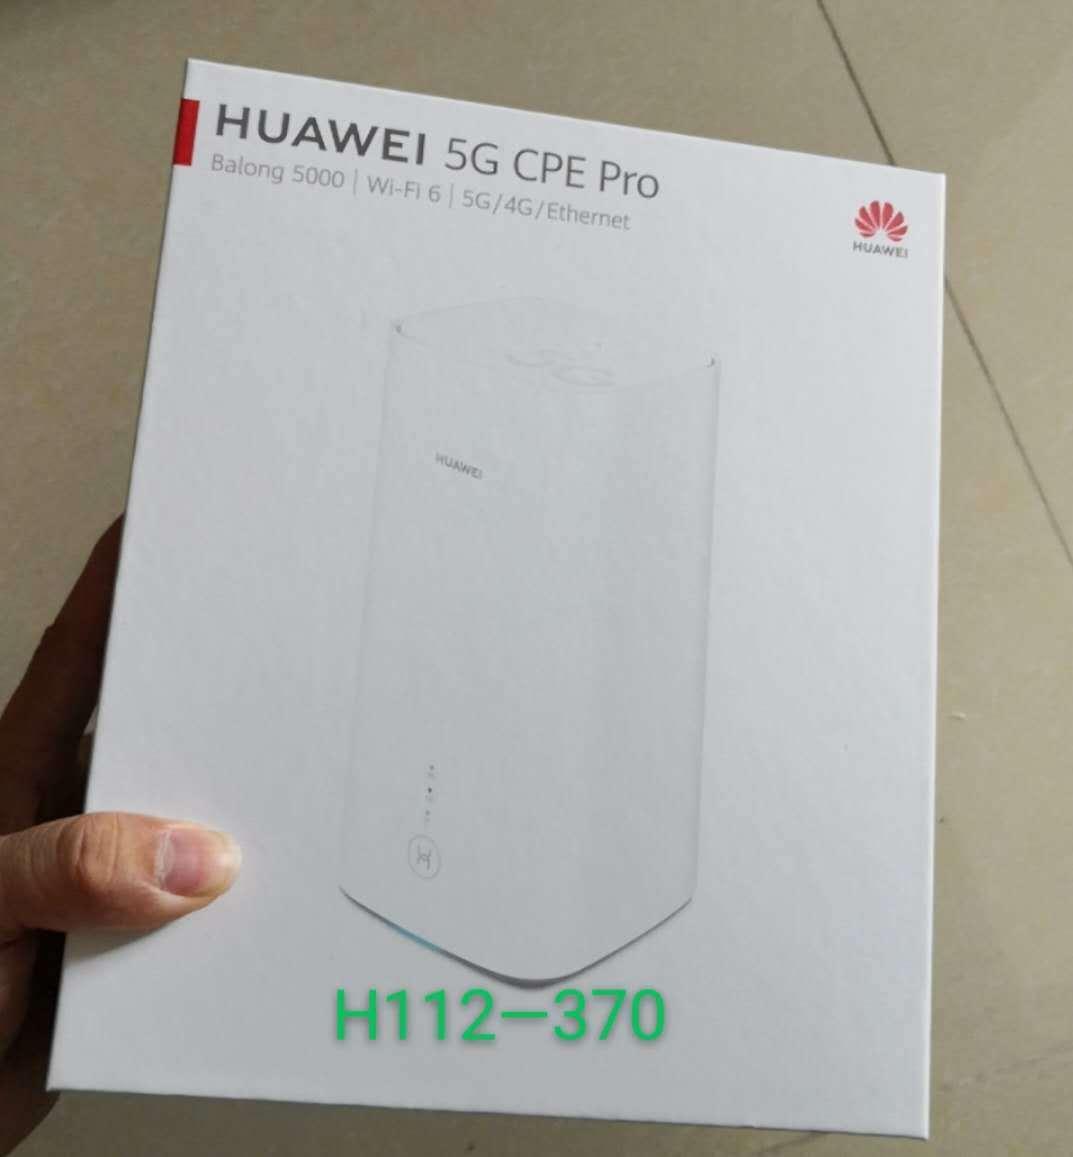 h112 370 5g cpe pro wifi 6